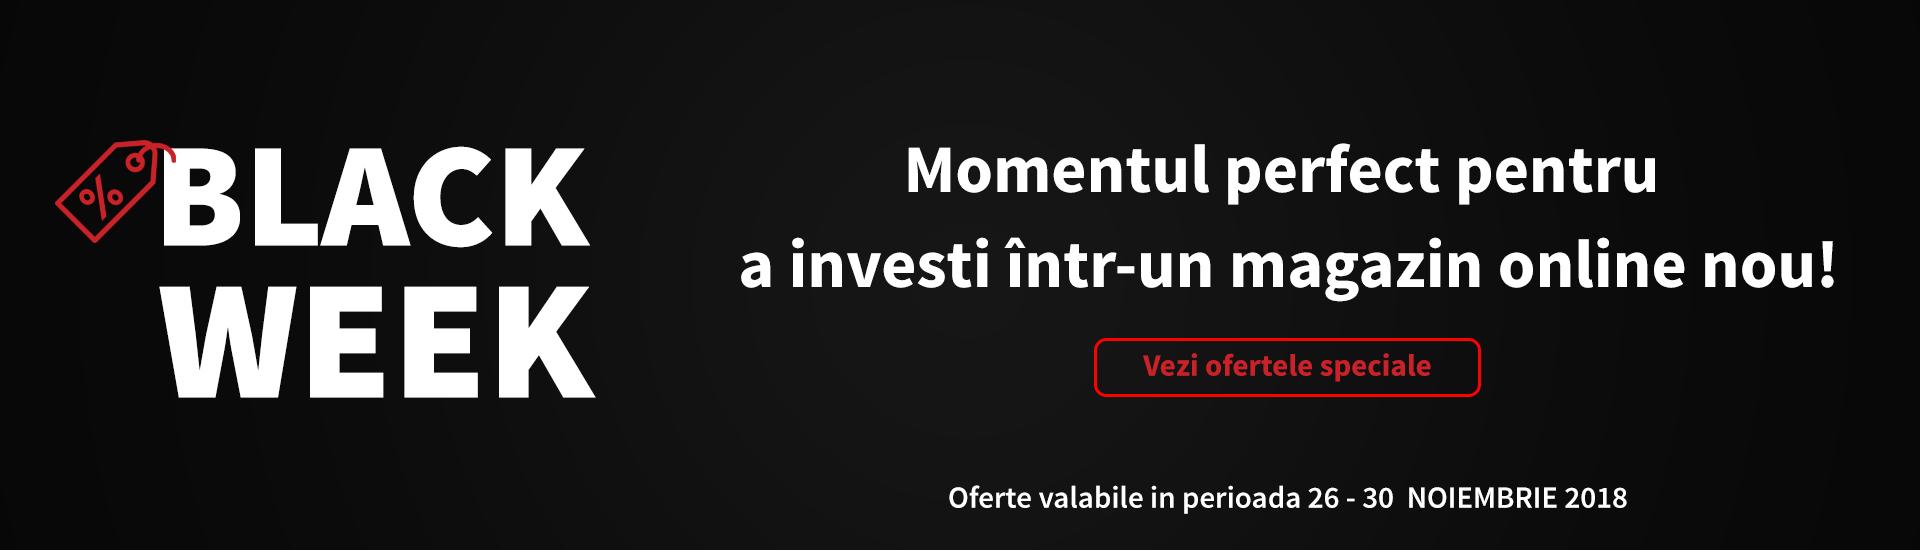 webecom-black-week